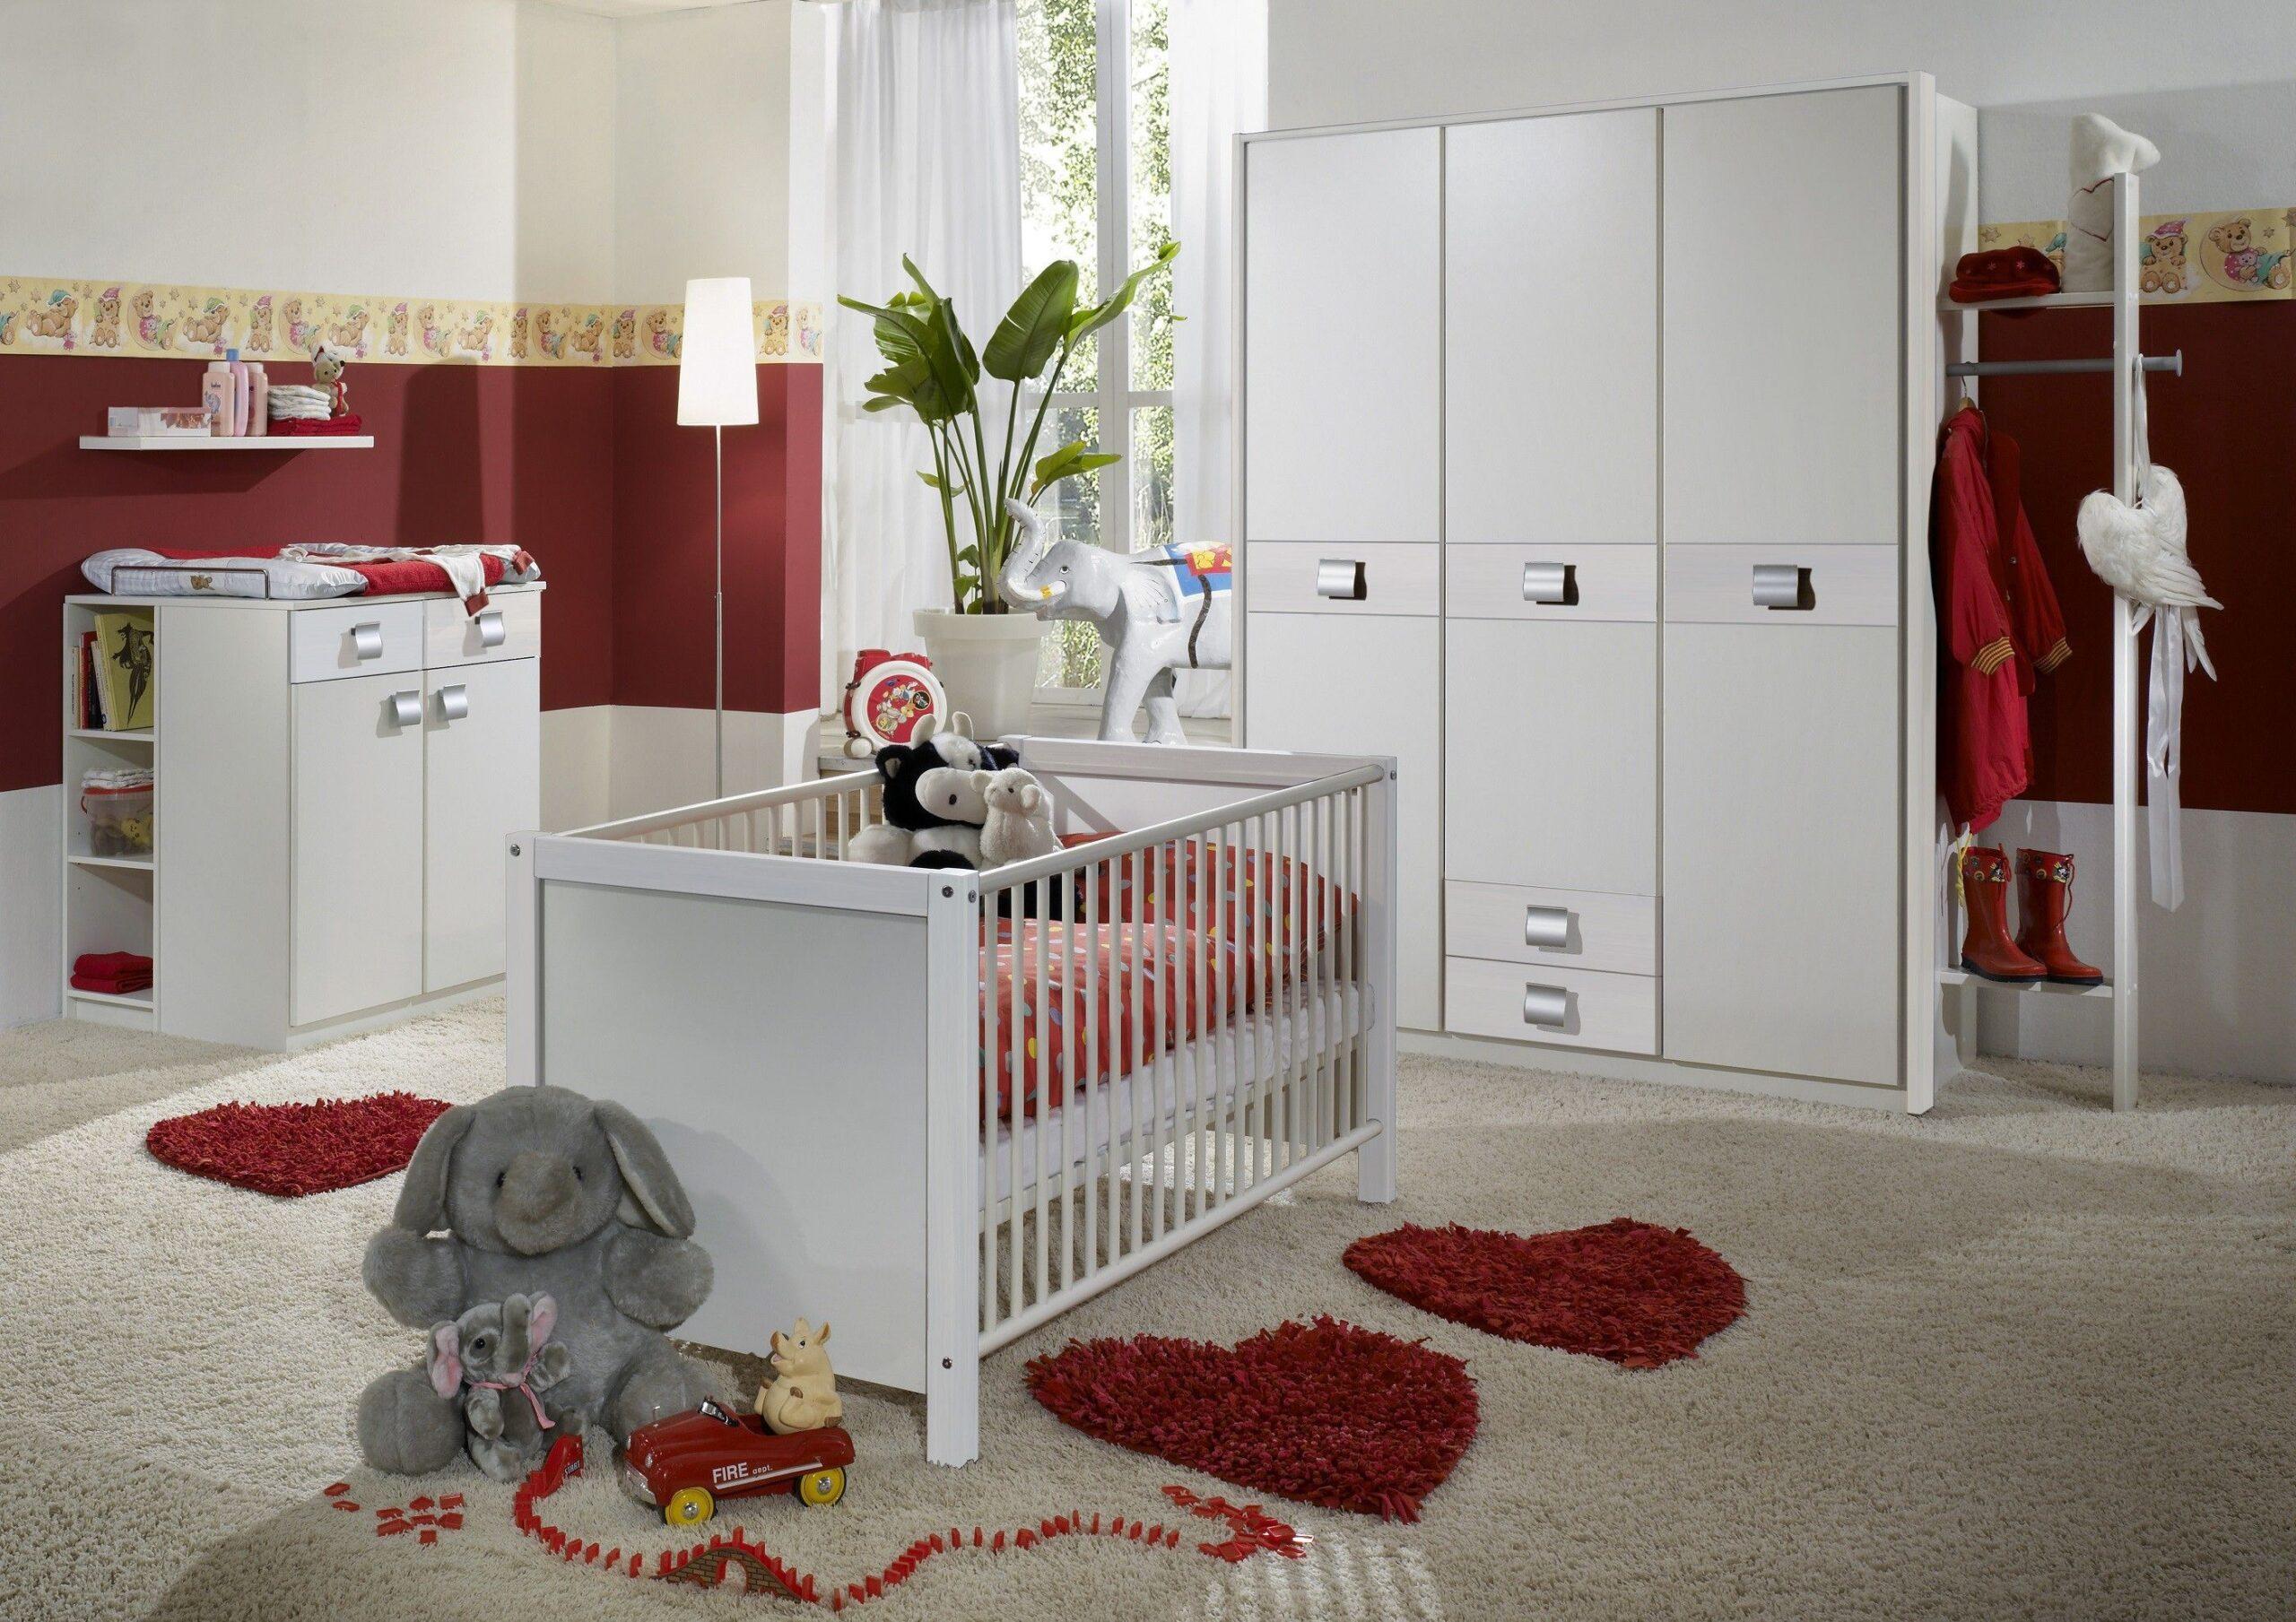 Full Size of Baby Kinderzimmer Komplett Fotos Gebraucht Luxus Von Schlafzimmer Mit Lattenrost Und Matratze Komplettes Günstig Regal Weiß Wohnzimmer Komplettküche Regale Kinderzimmer Baby Kinderzimmer Komplett